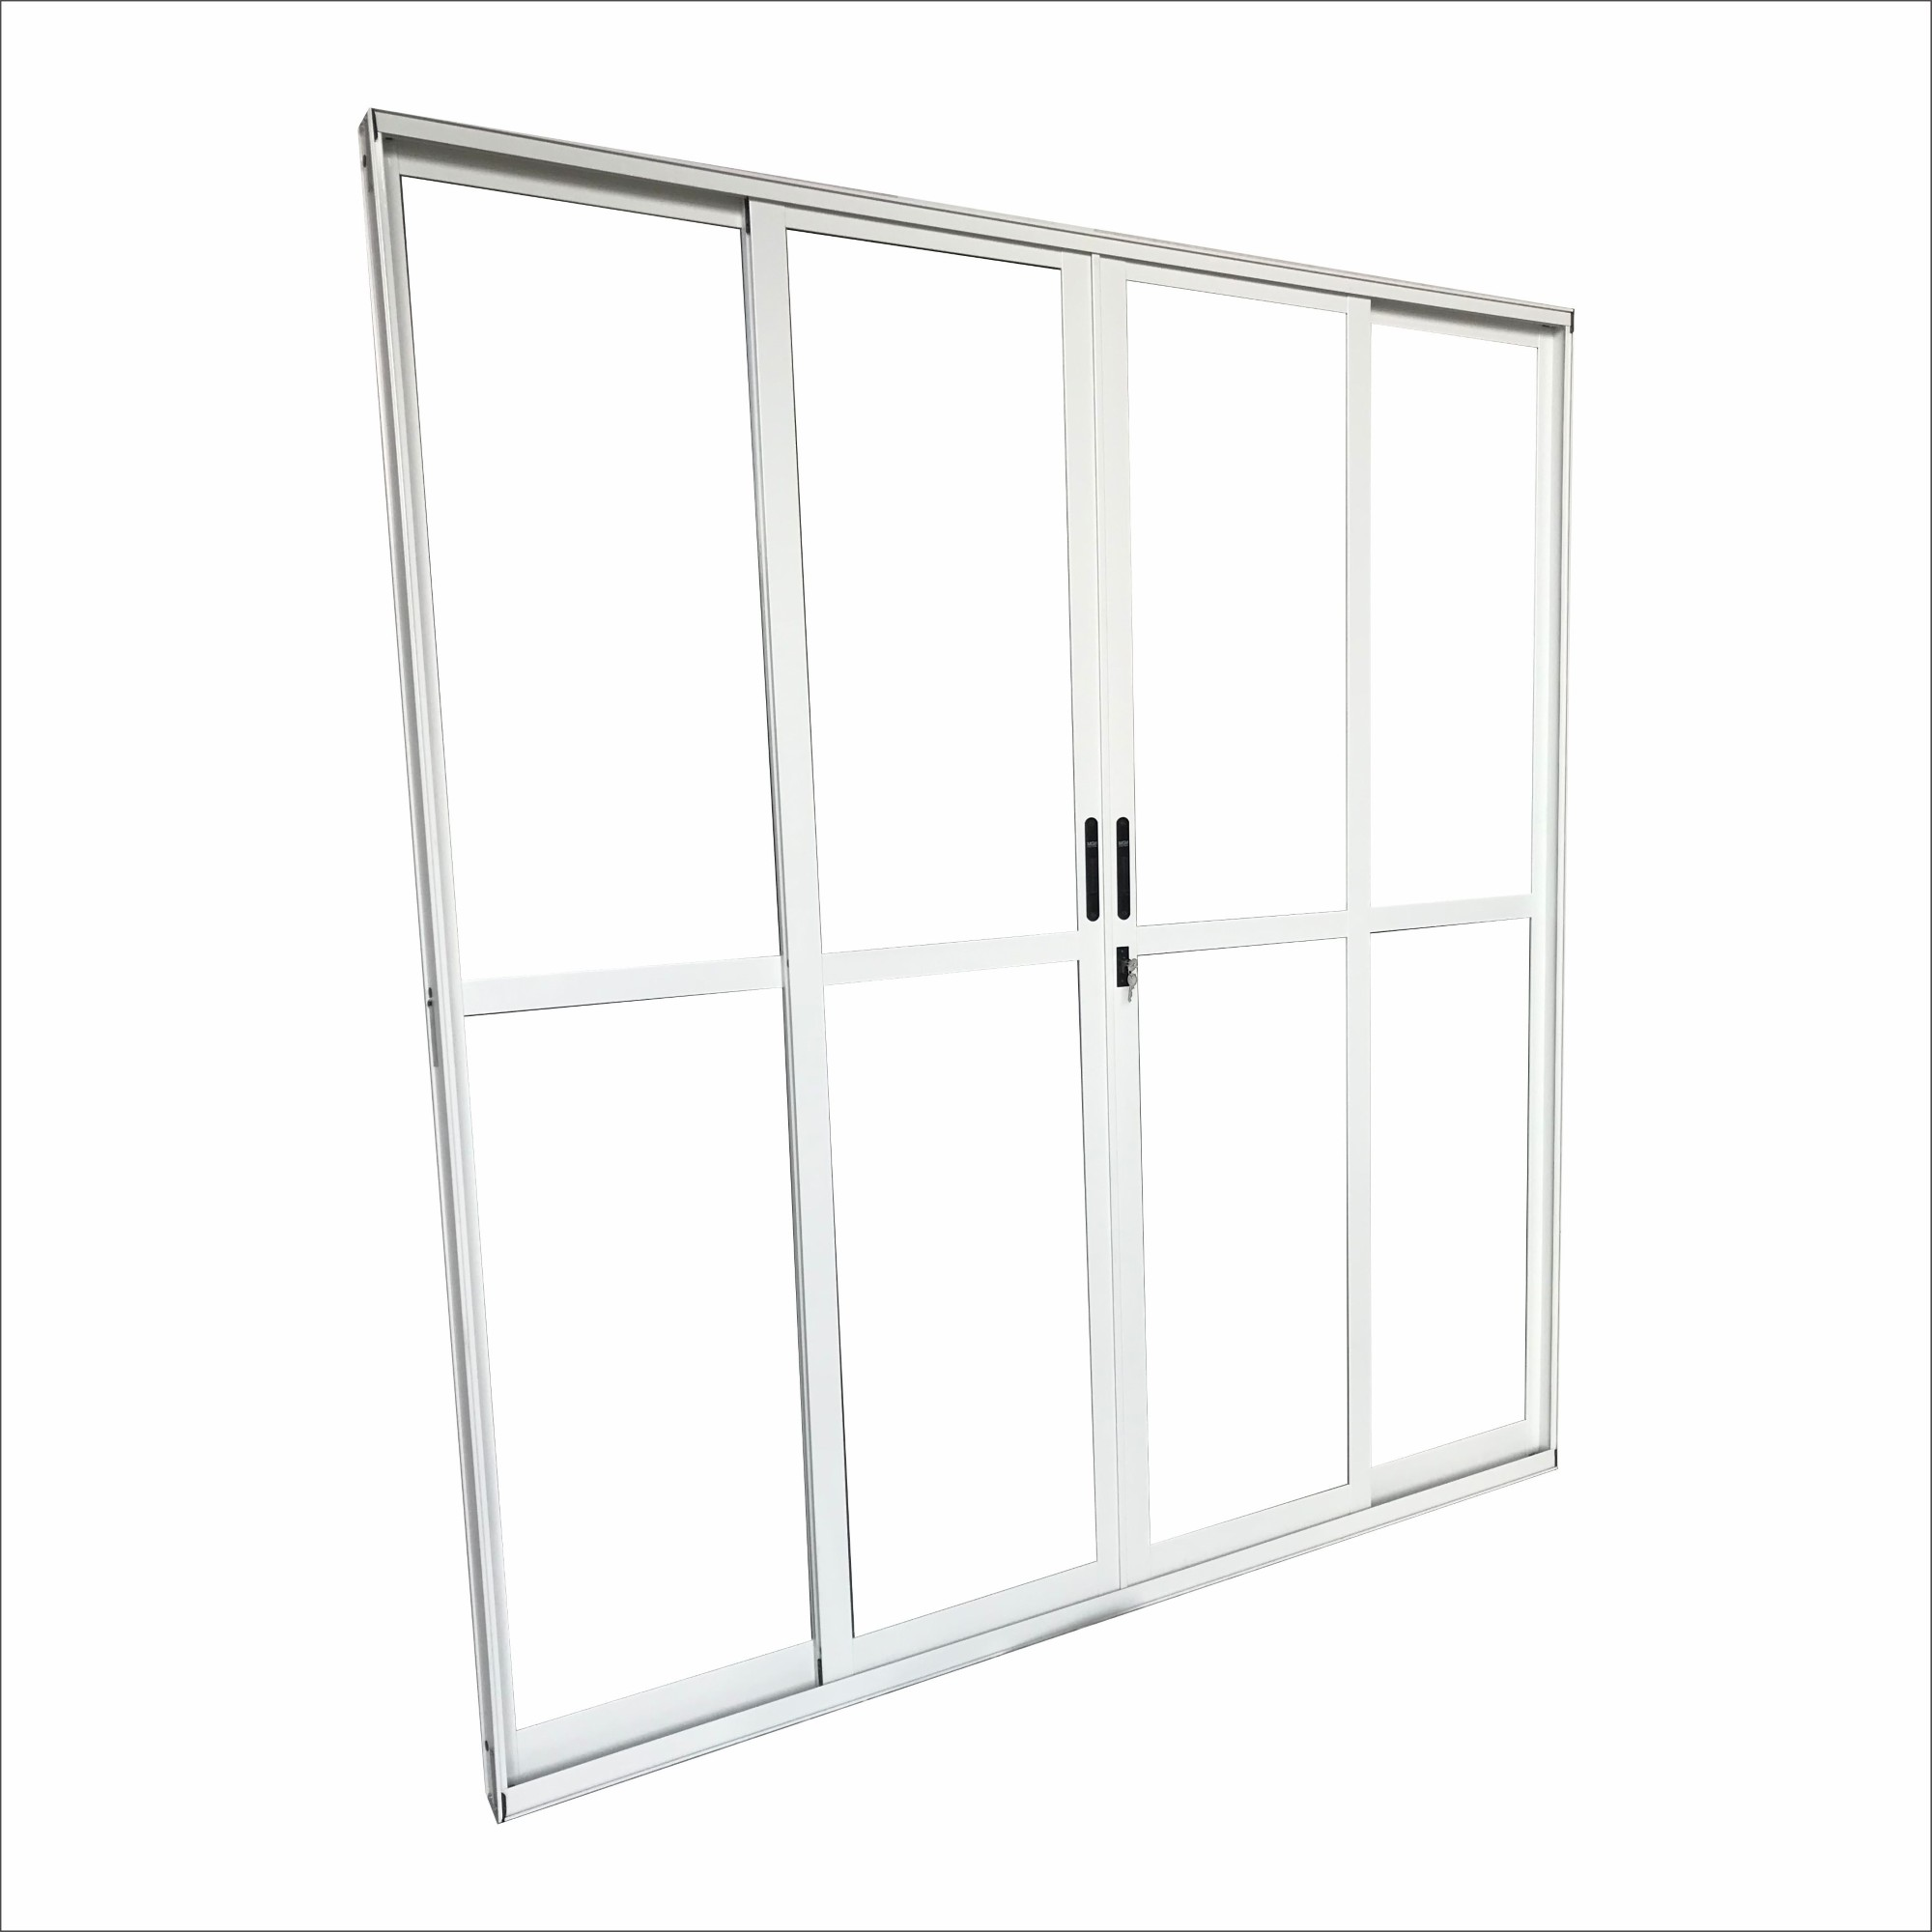 Porta Balcao de Aluminio 4 Folhas 210x200 cm Lisa - MGM